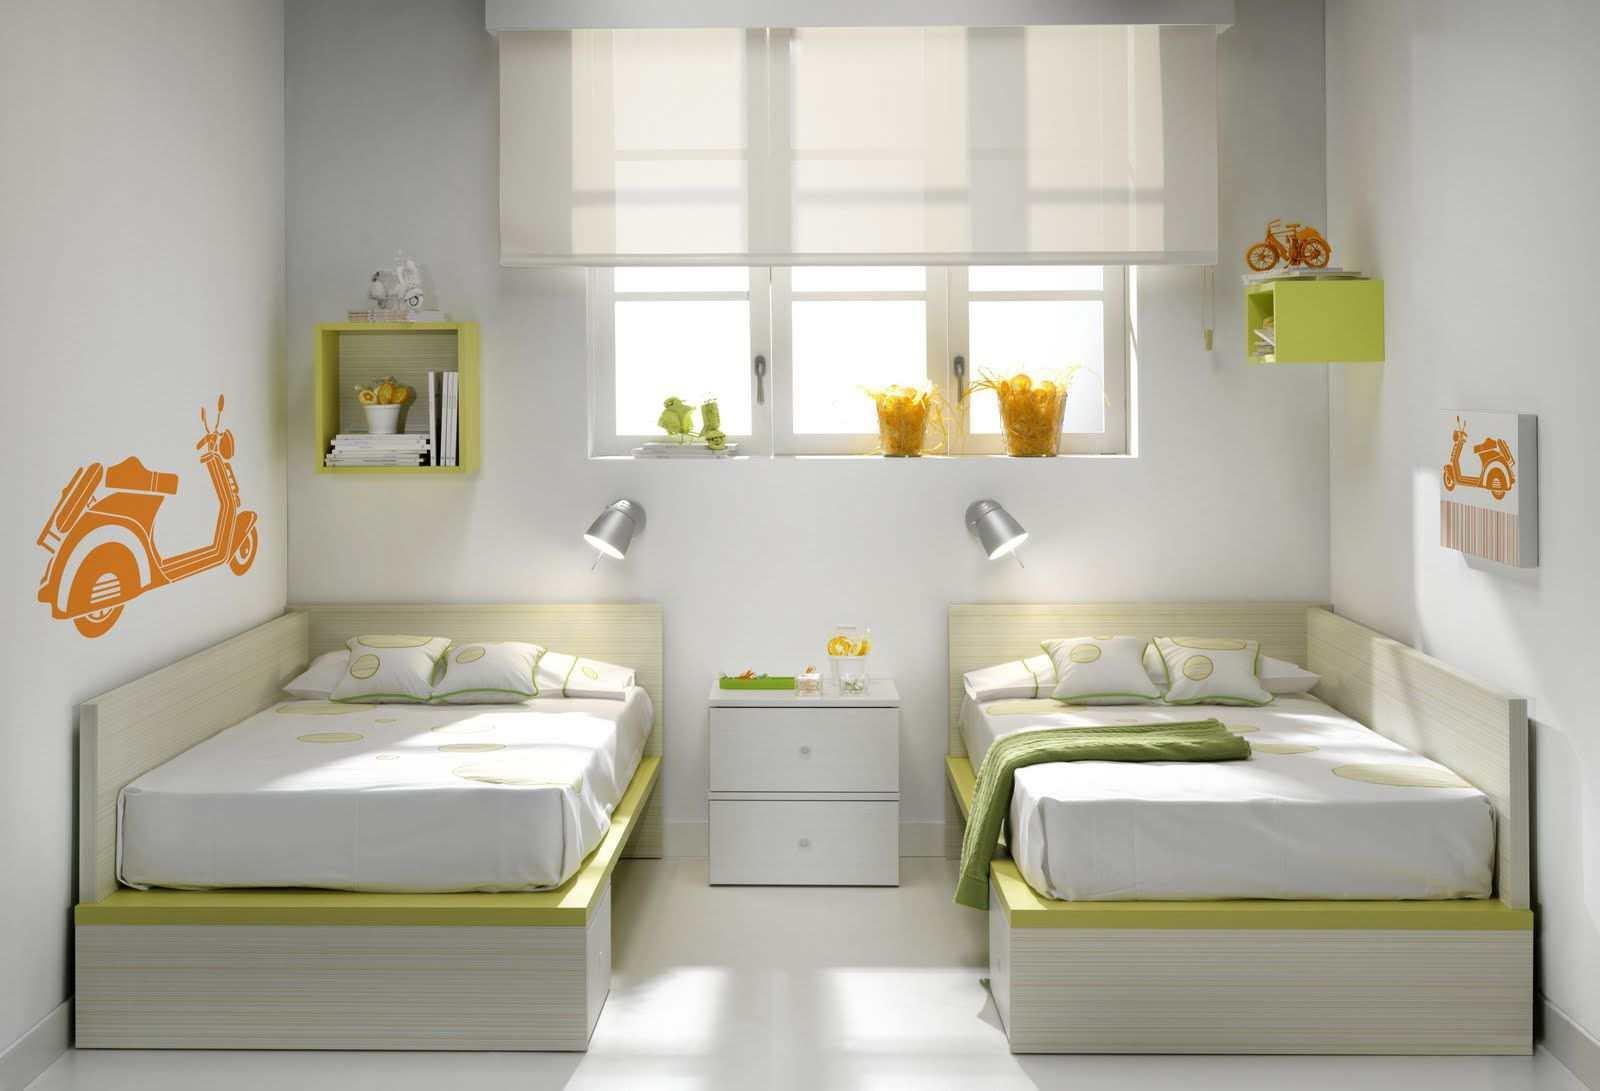 Quel type de lit convient à une chambre pour deux ?